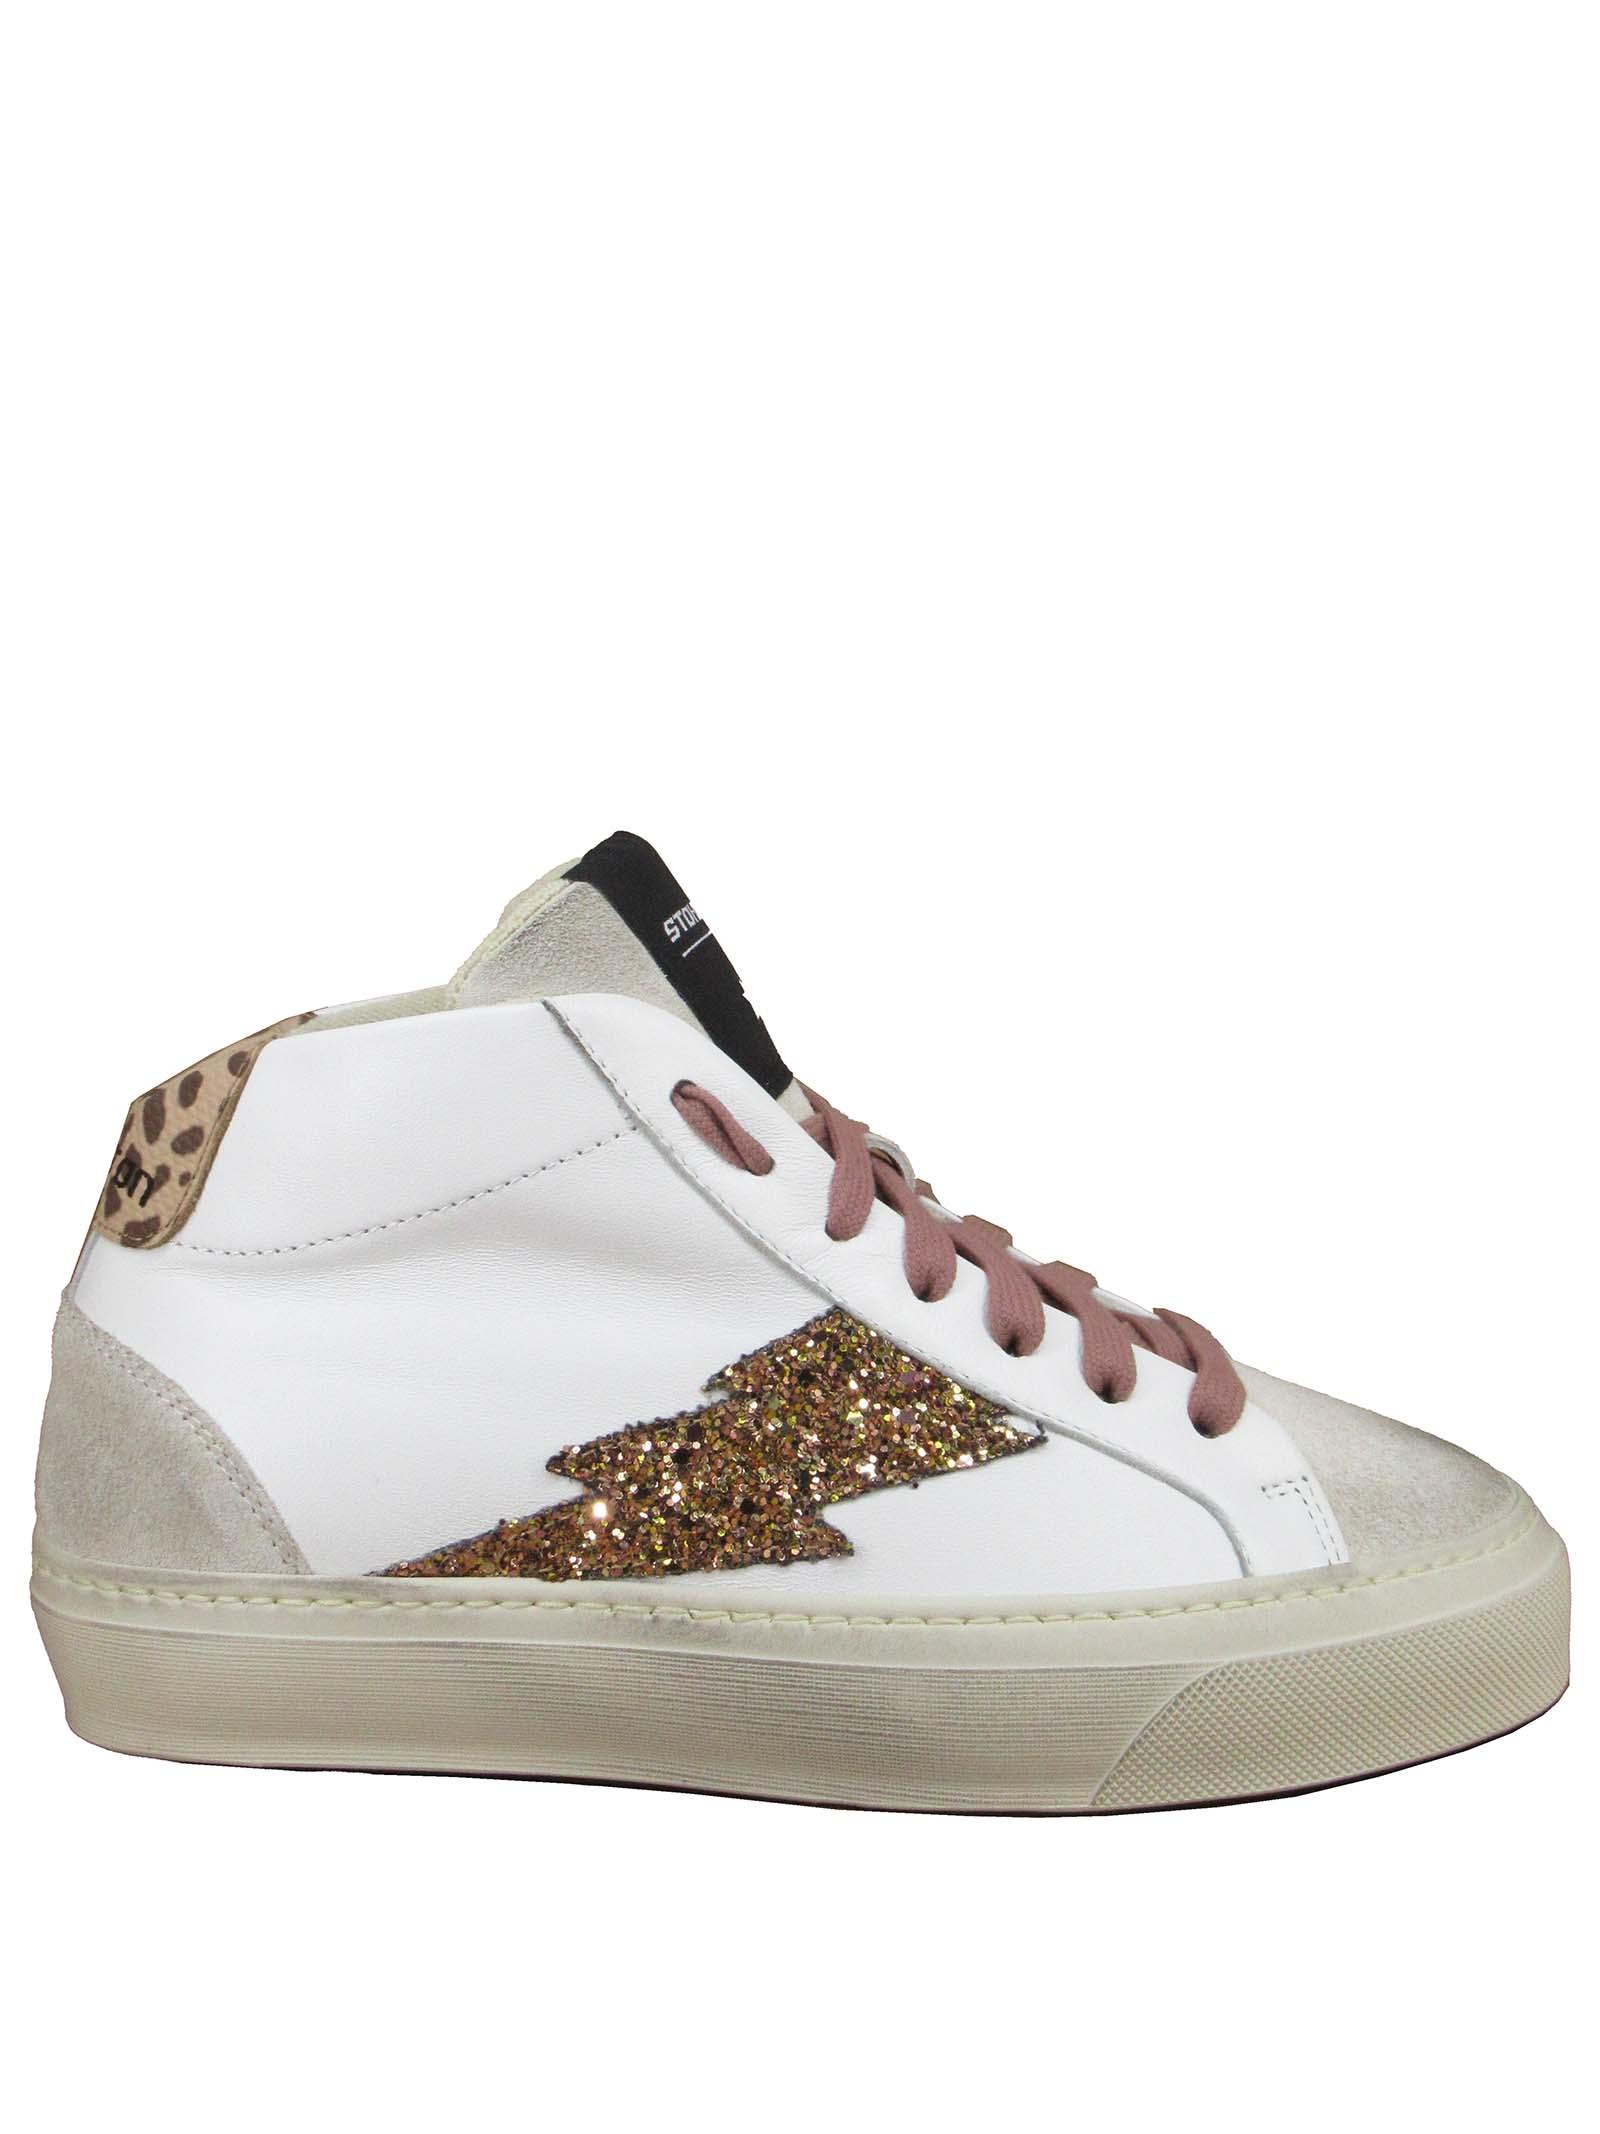 Calzature Donna Sneakers a Stivaletto Stringate in Pelle Bianca con Fondo in Gomma Stokton | Sneakers | BOLT-D001